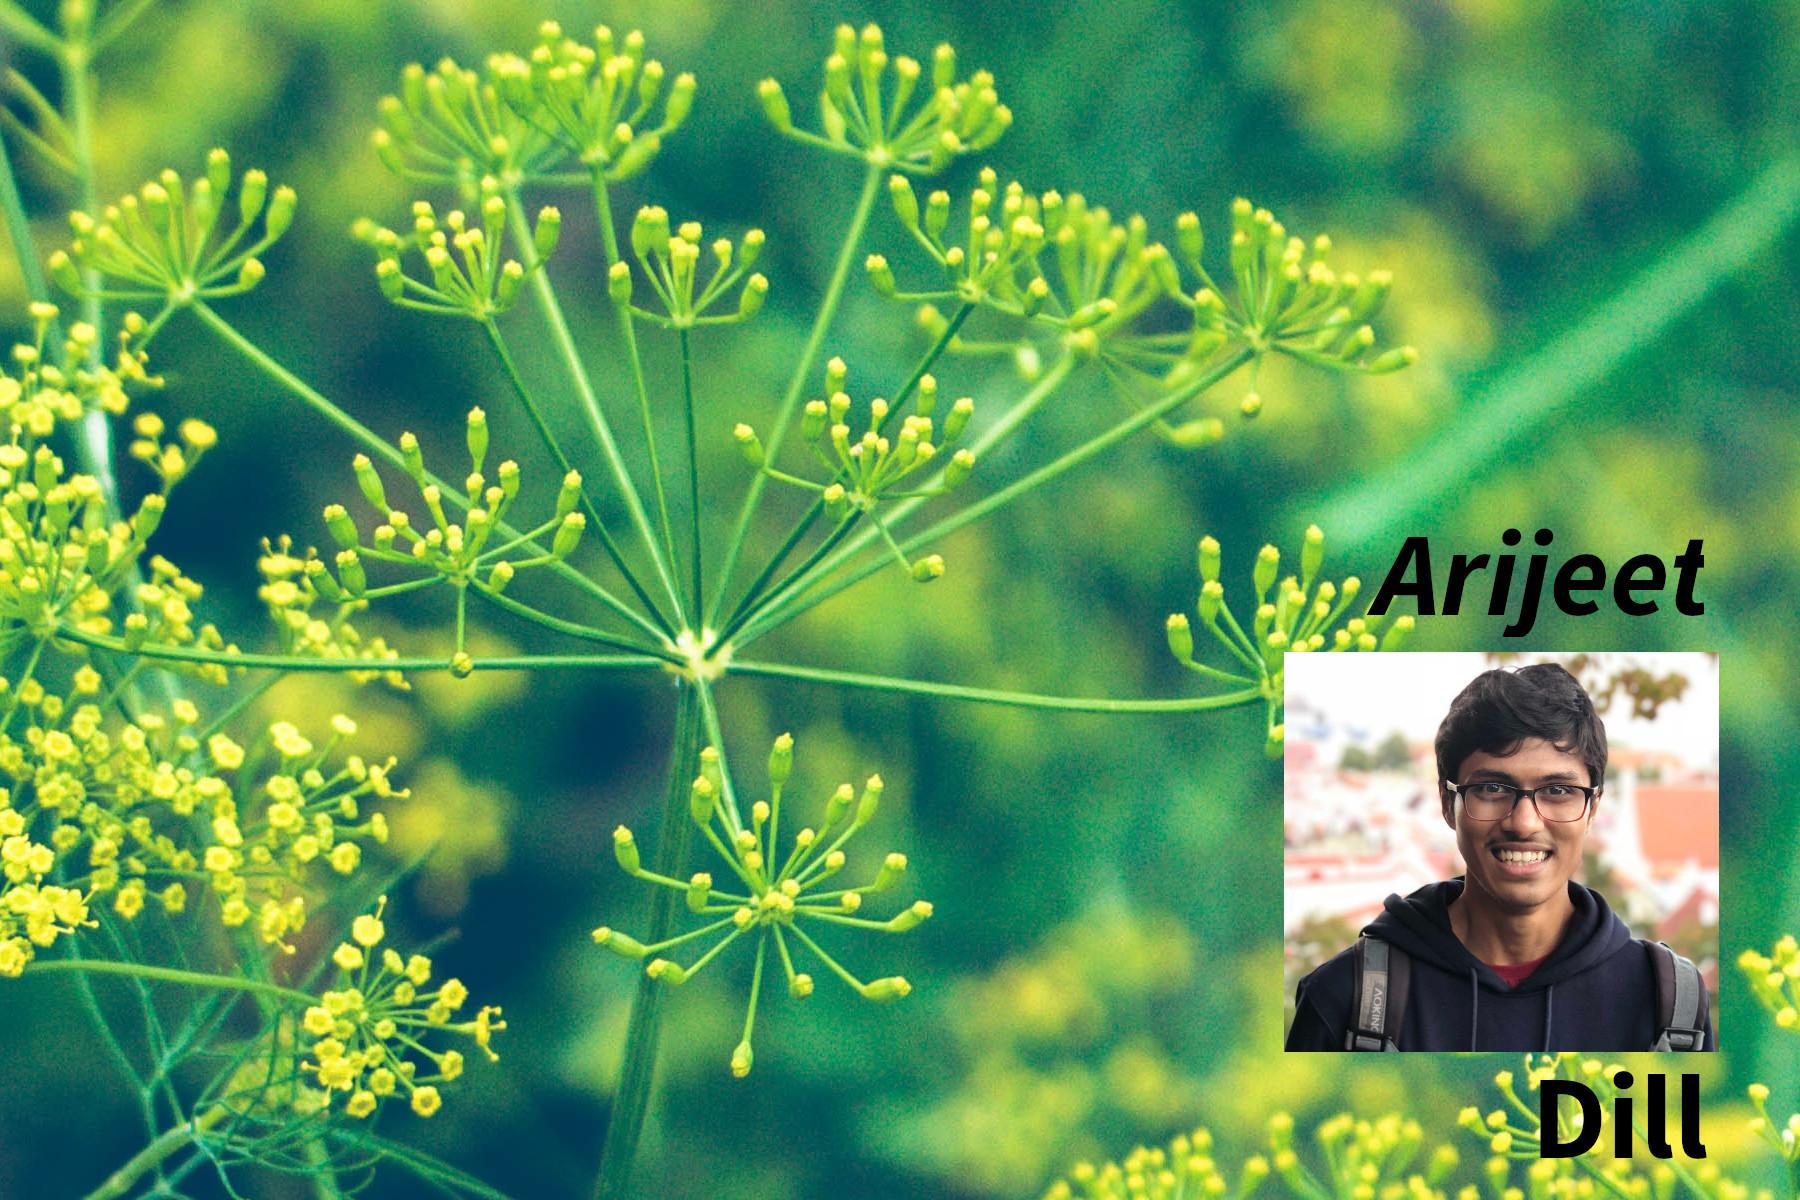 Arijeet & Dill